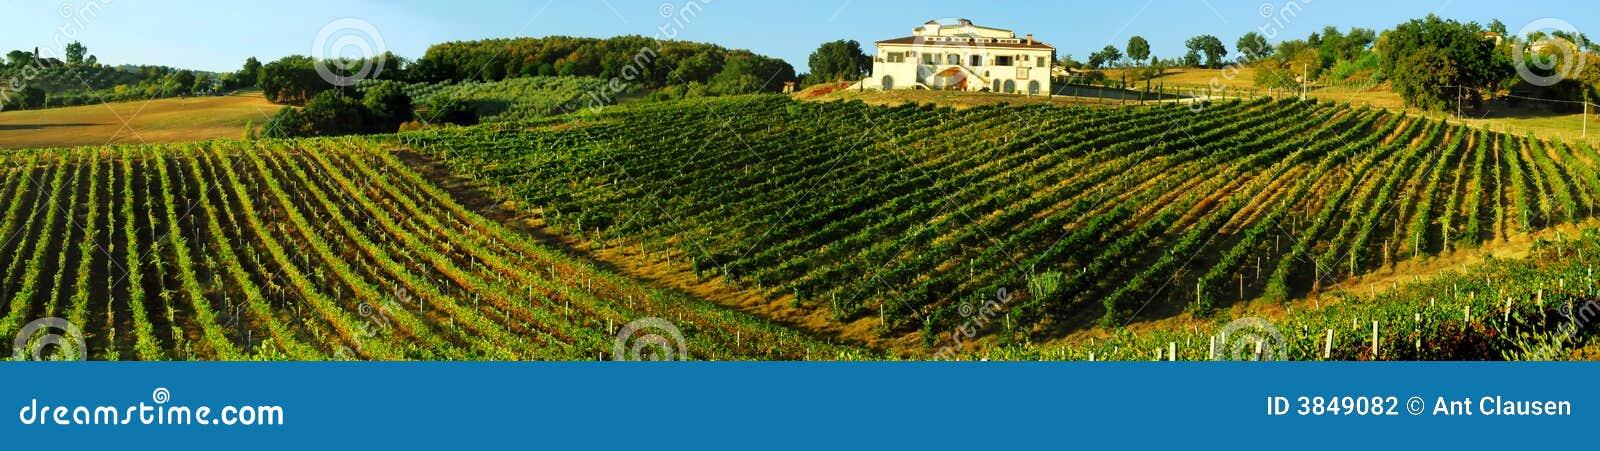 意大利葡萄园